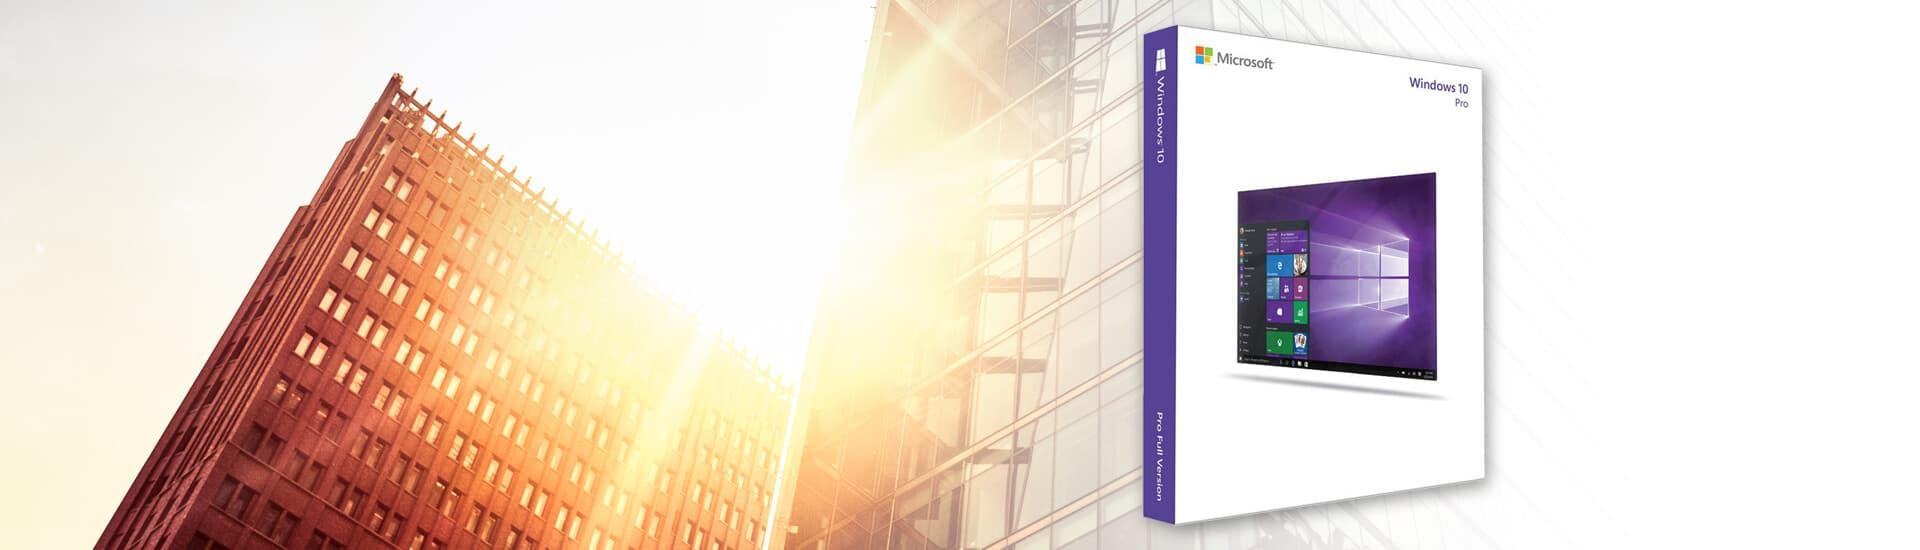 Windows Lizenzen kaufen - Software ReUse